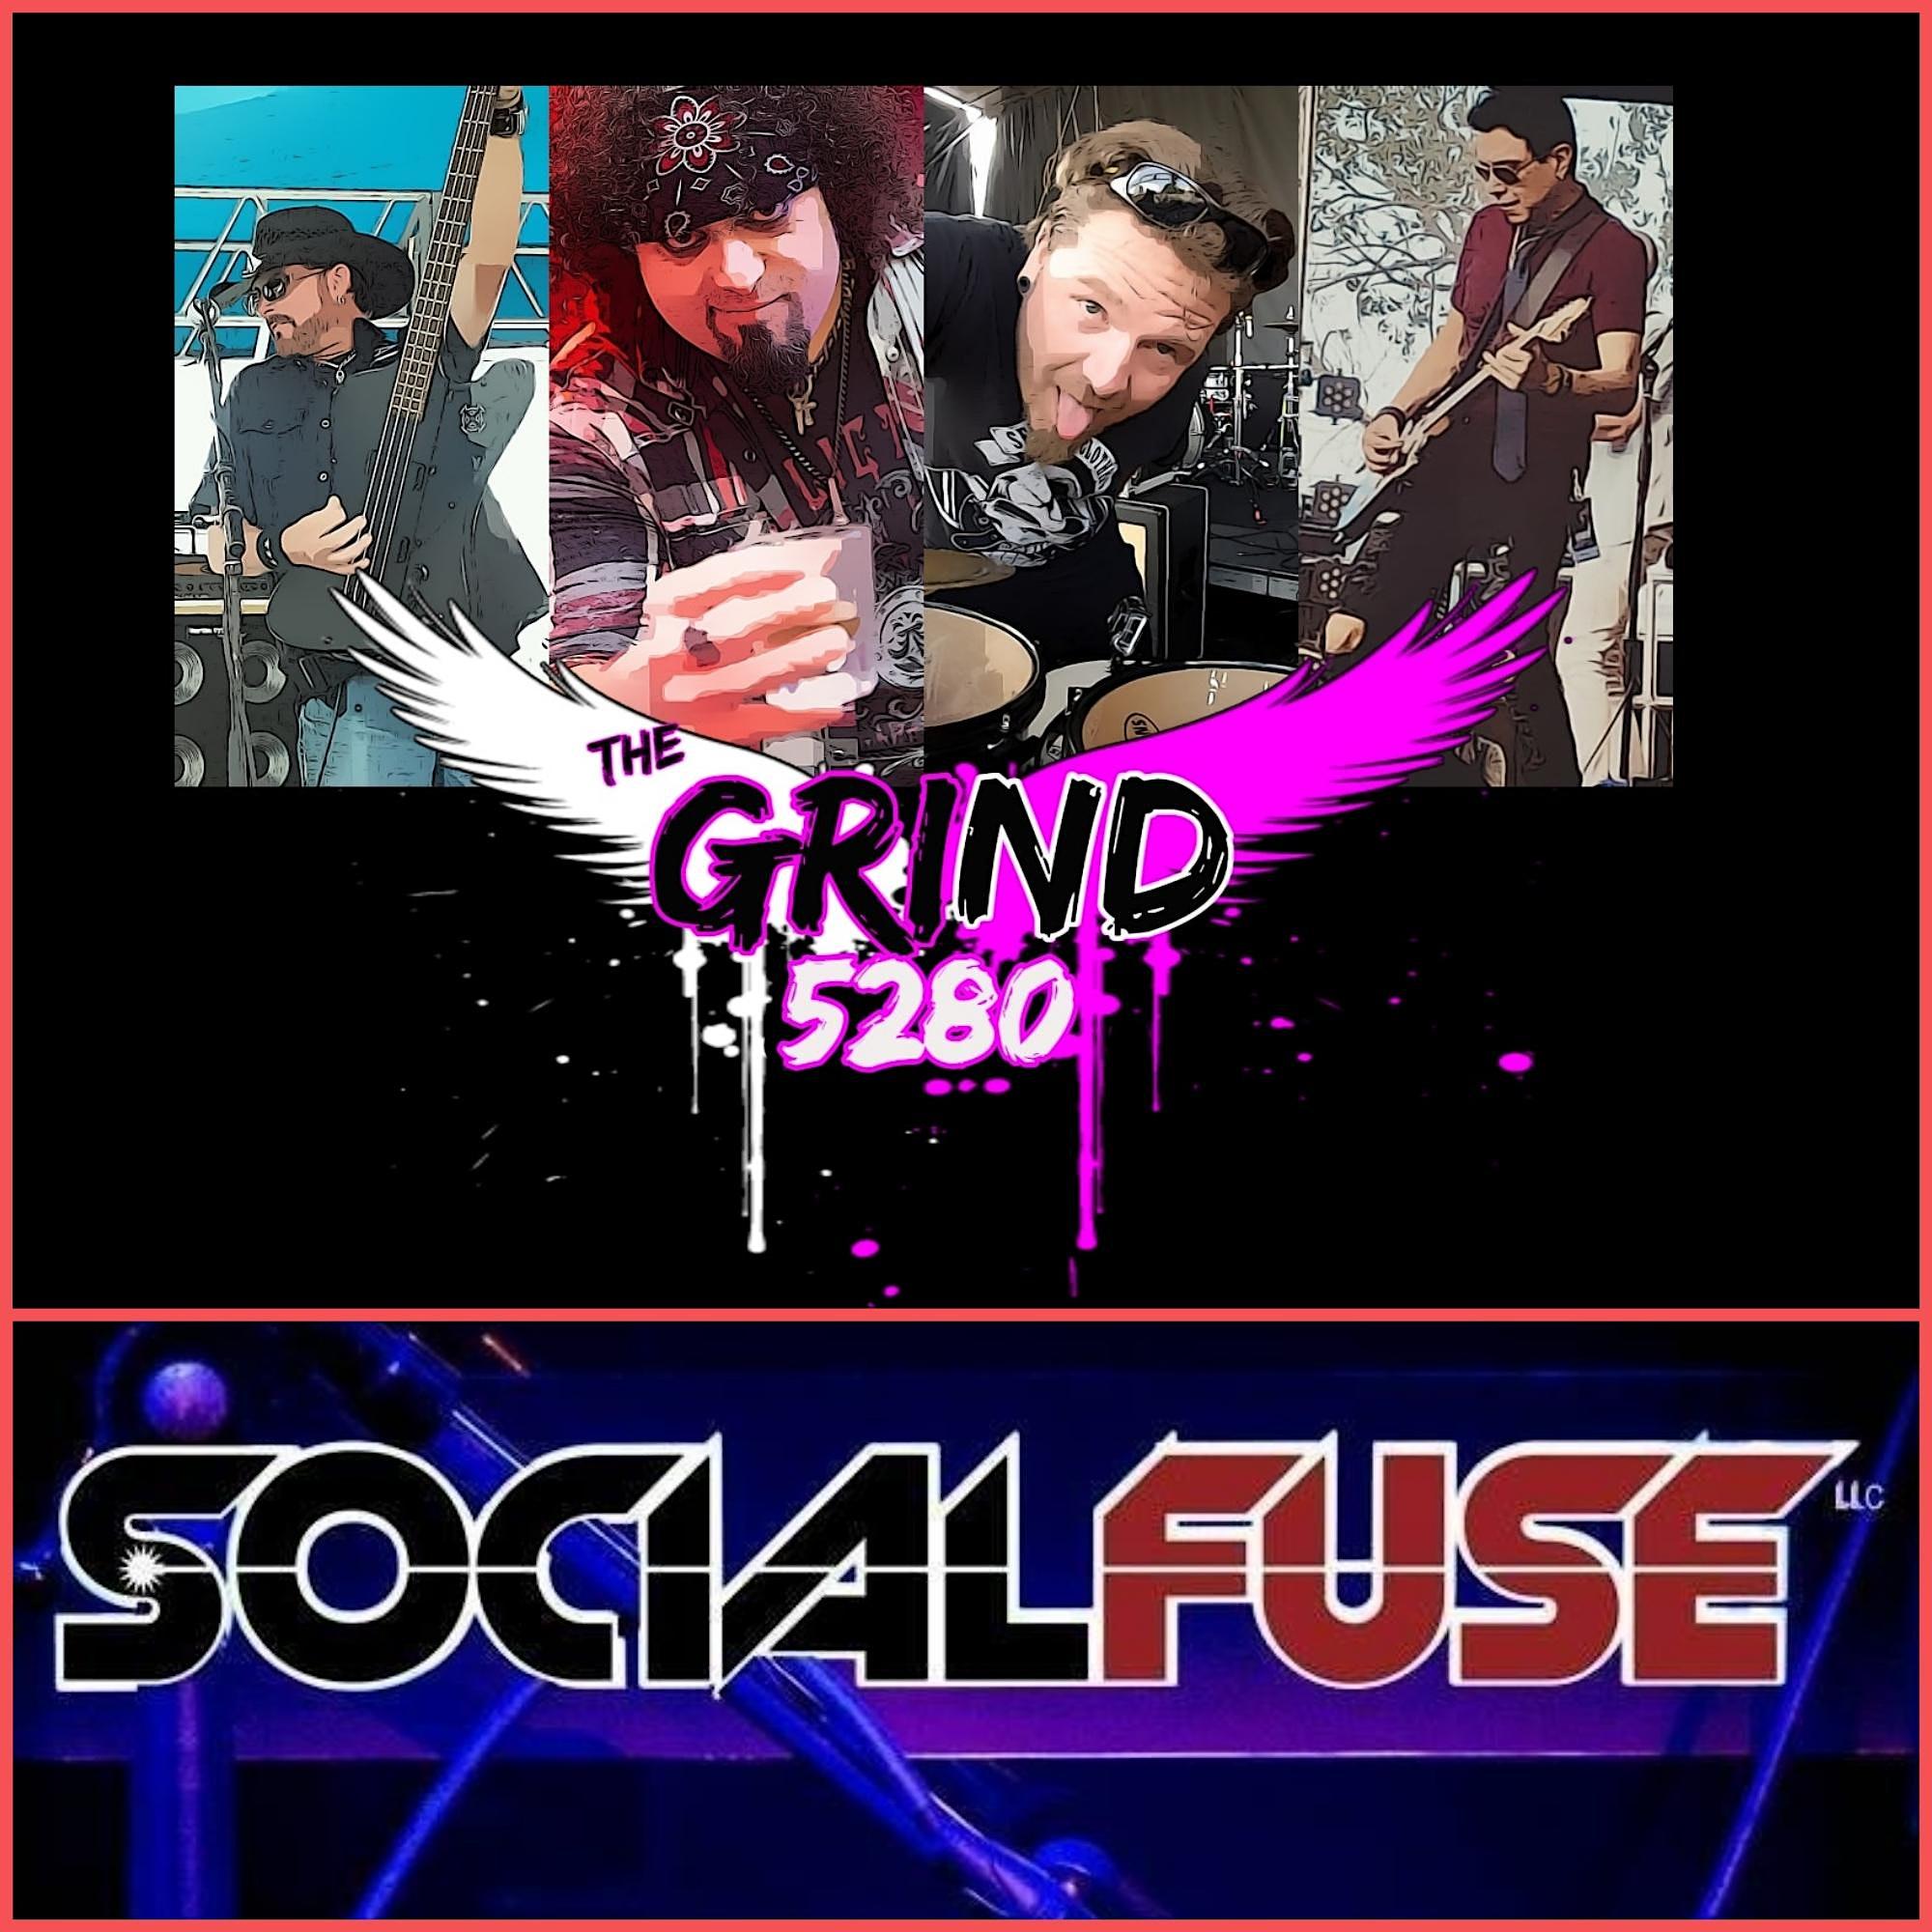 THE GRIND 5280 AND SOCIAL FUSE ROCK DENVER!